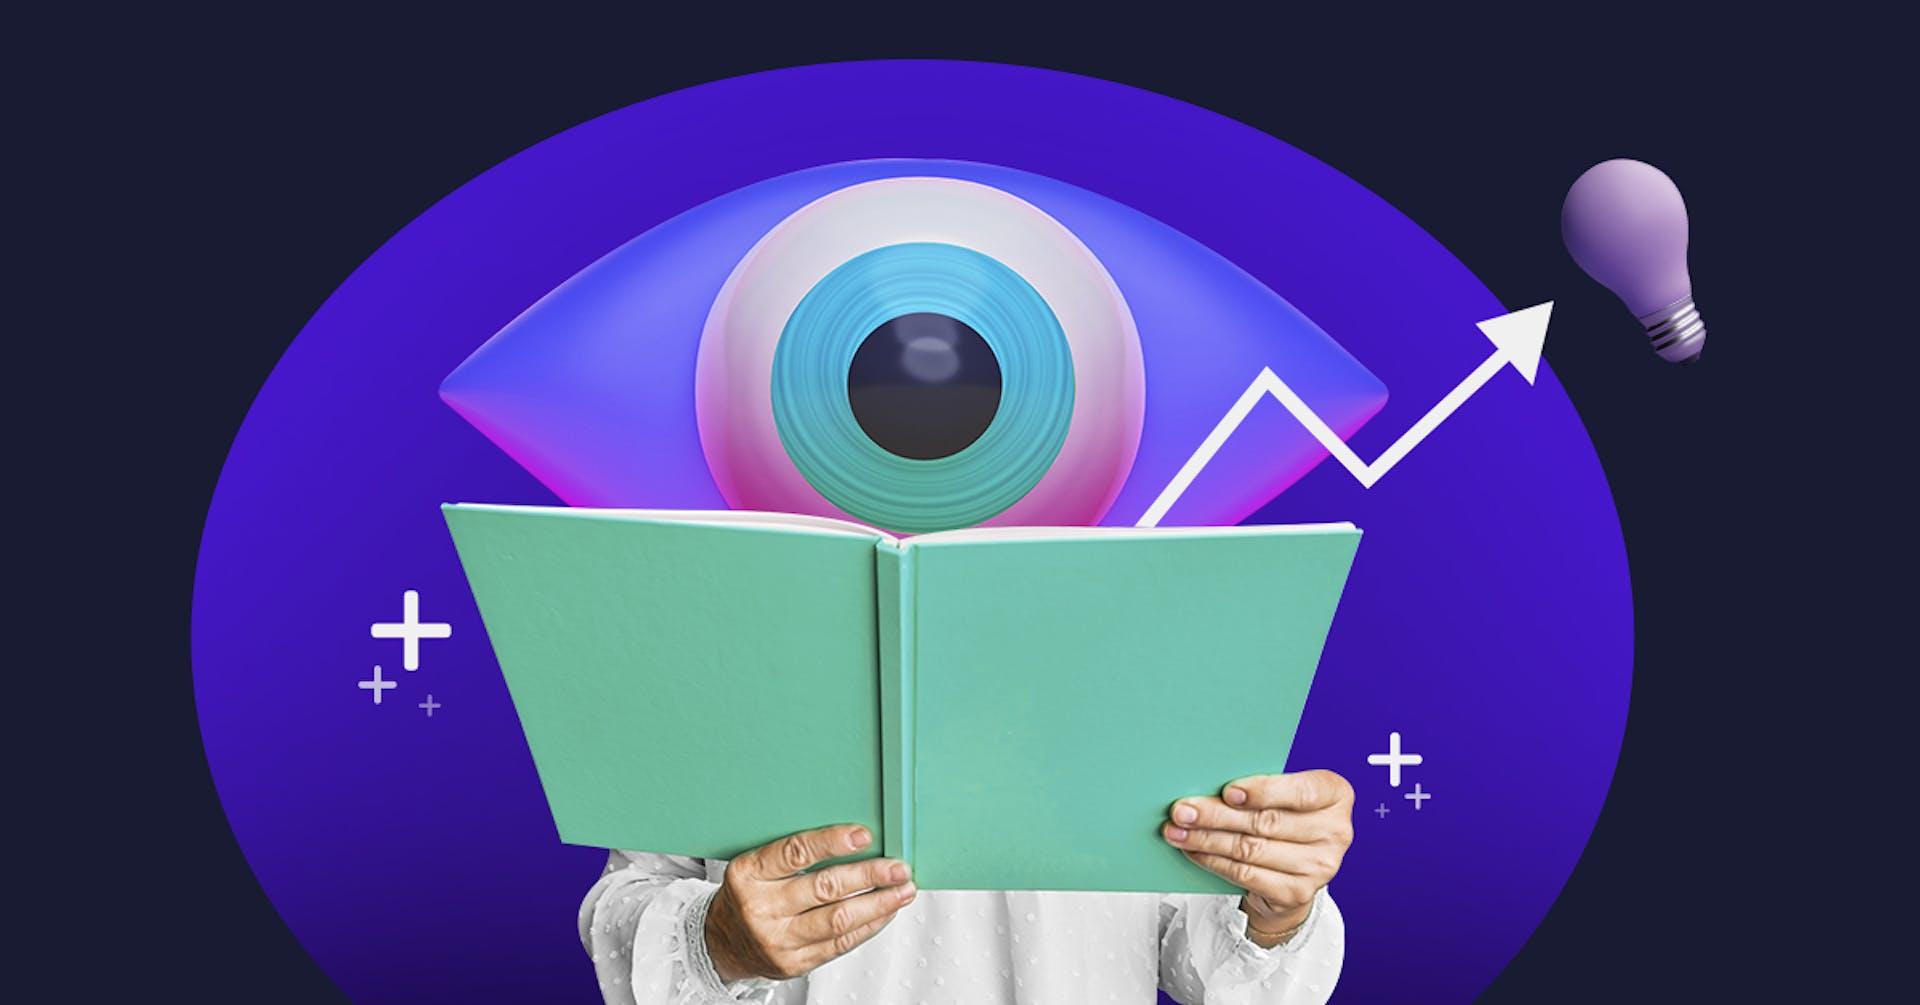 Las Imágenes y nuestra mente. Descubre las técnicas de aprendizaje visual